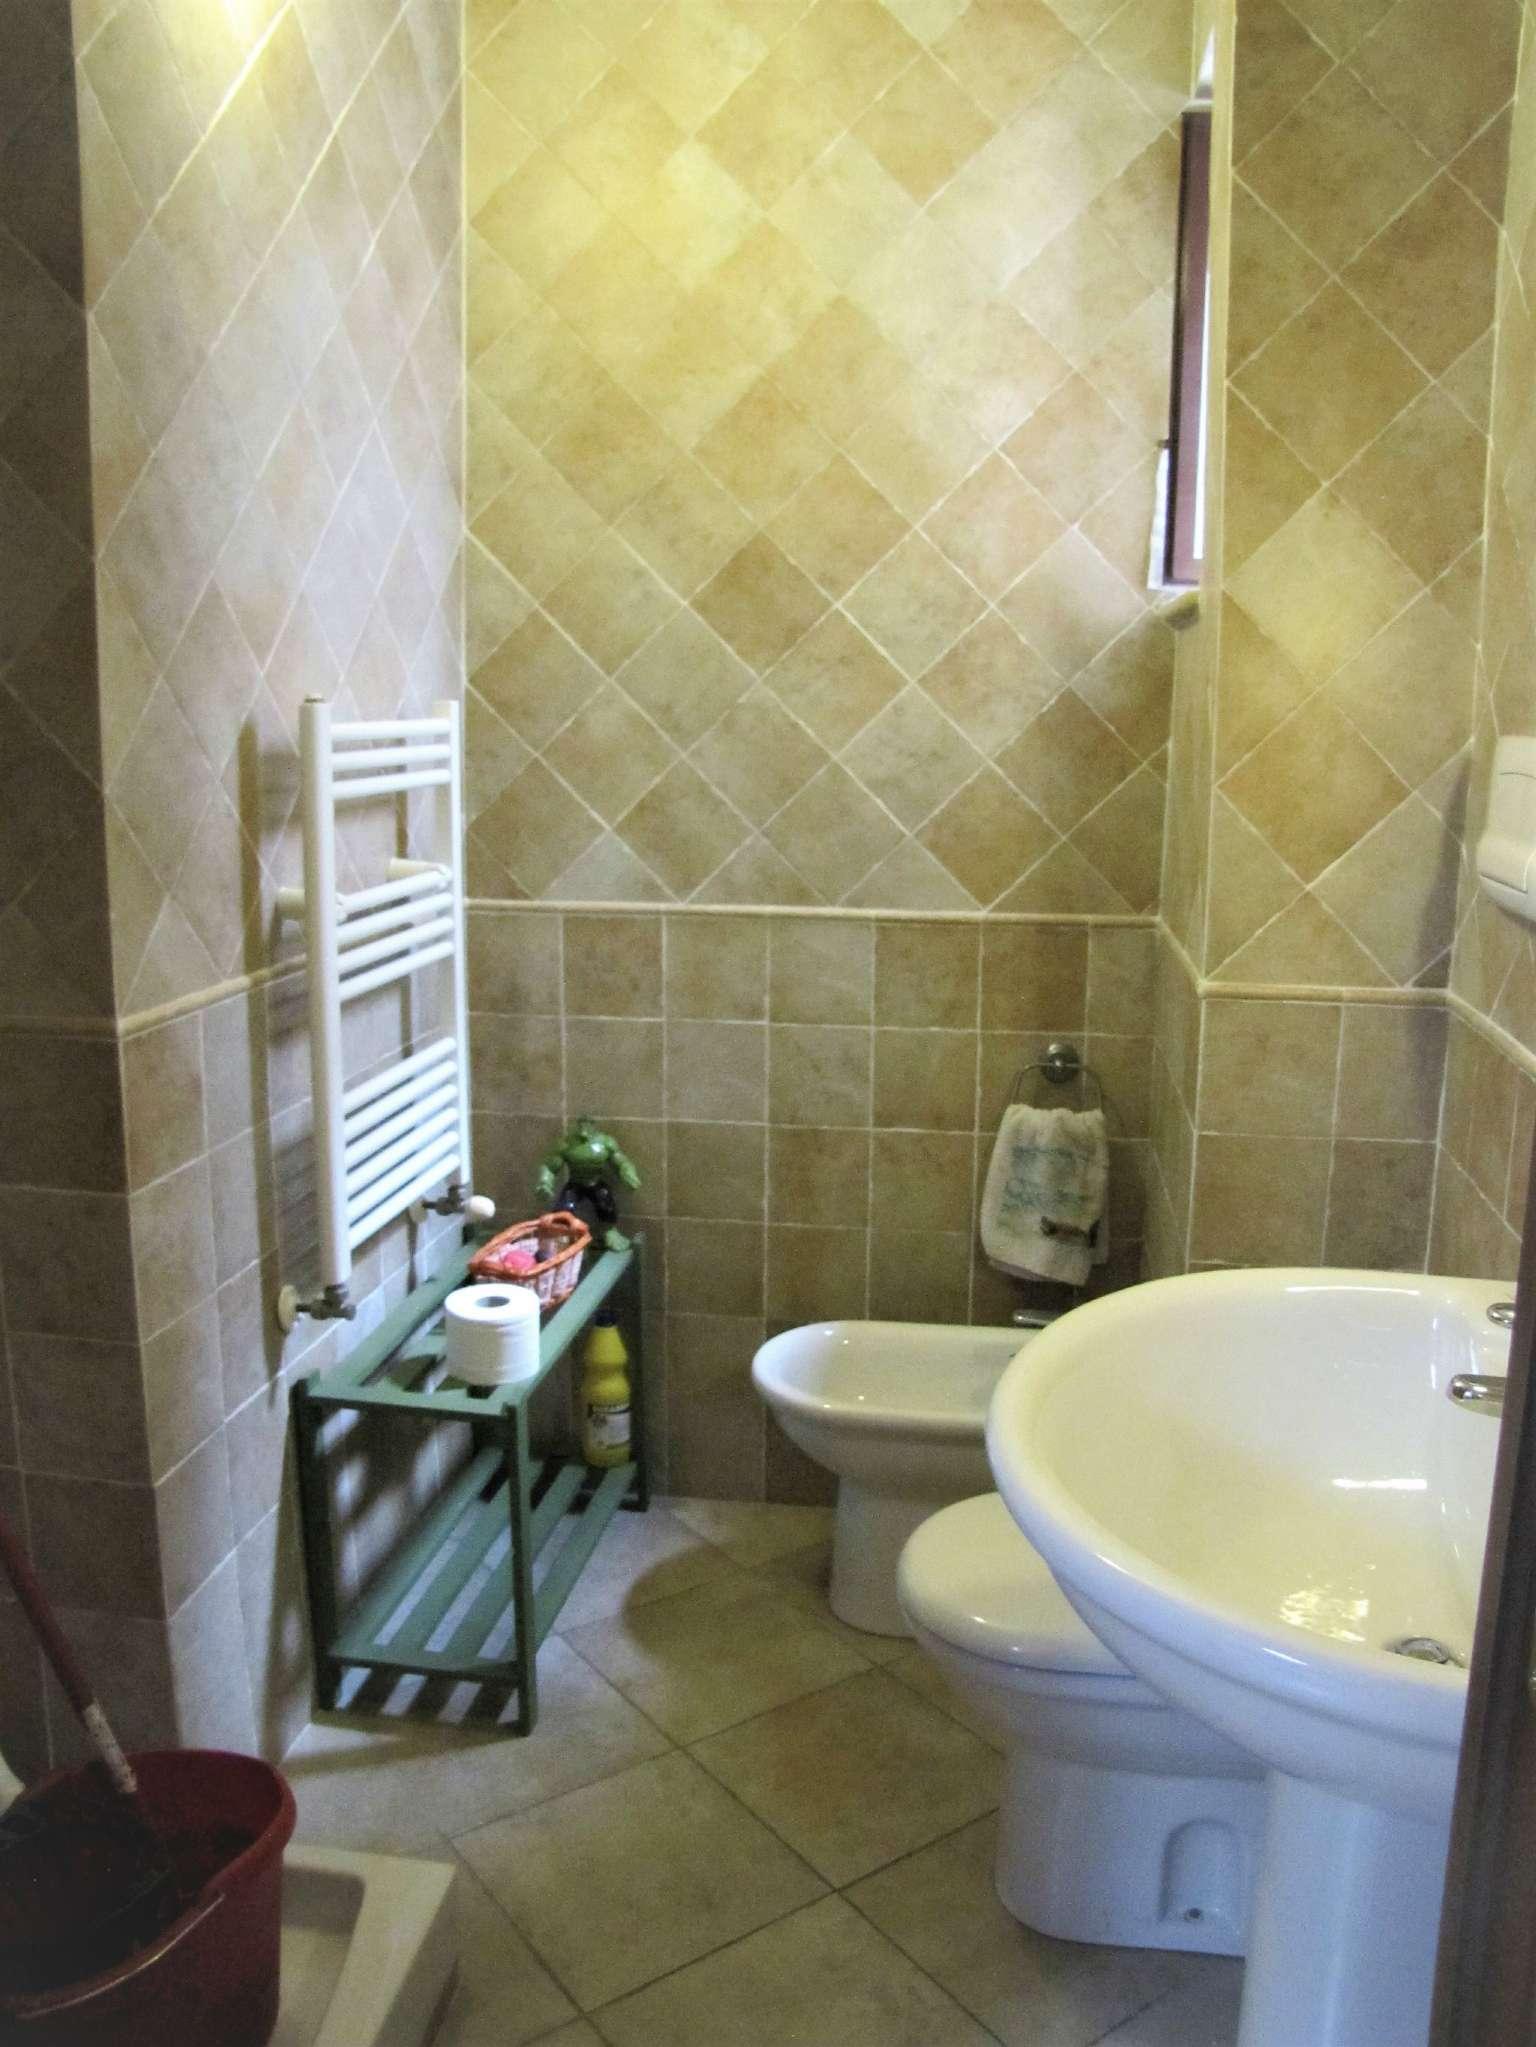 Foto 19 di Villa a Schiera via MITTA 6, Roma (zona Finocchio - Torre Gaia - Tor Vergata)